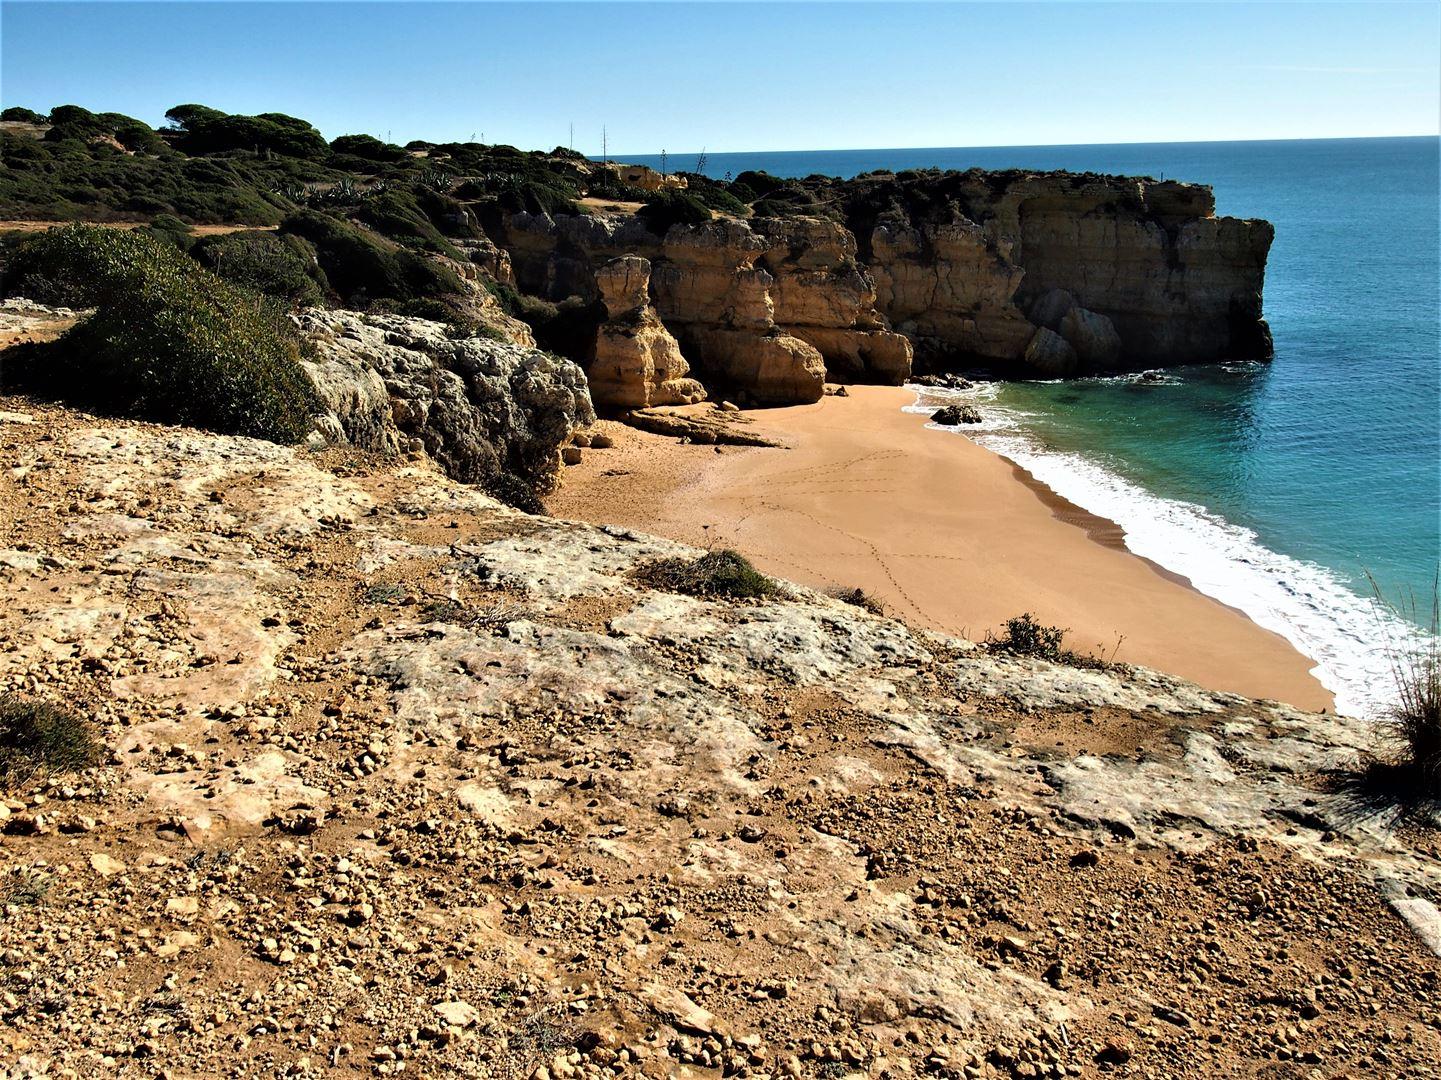 Пляж Praia da Coelha находится к западу от Албуфейры